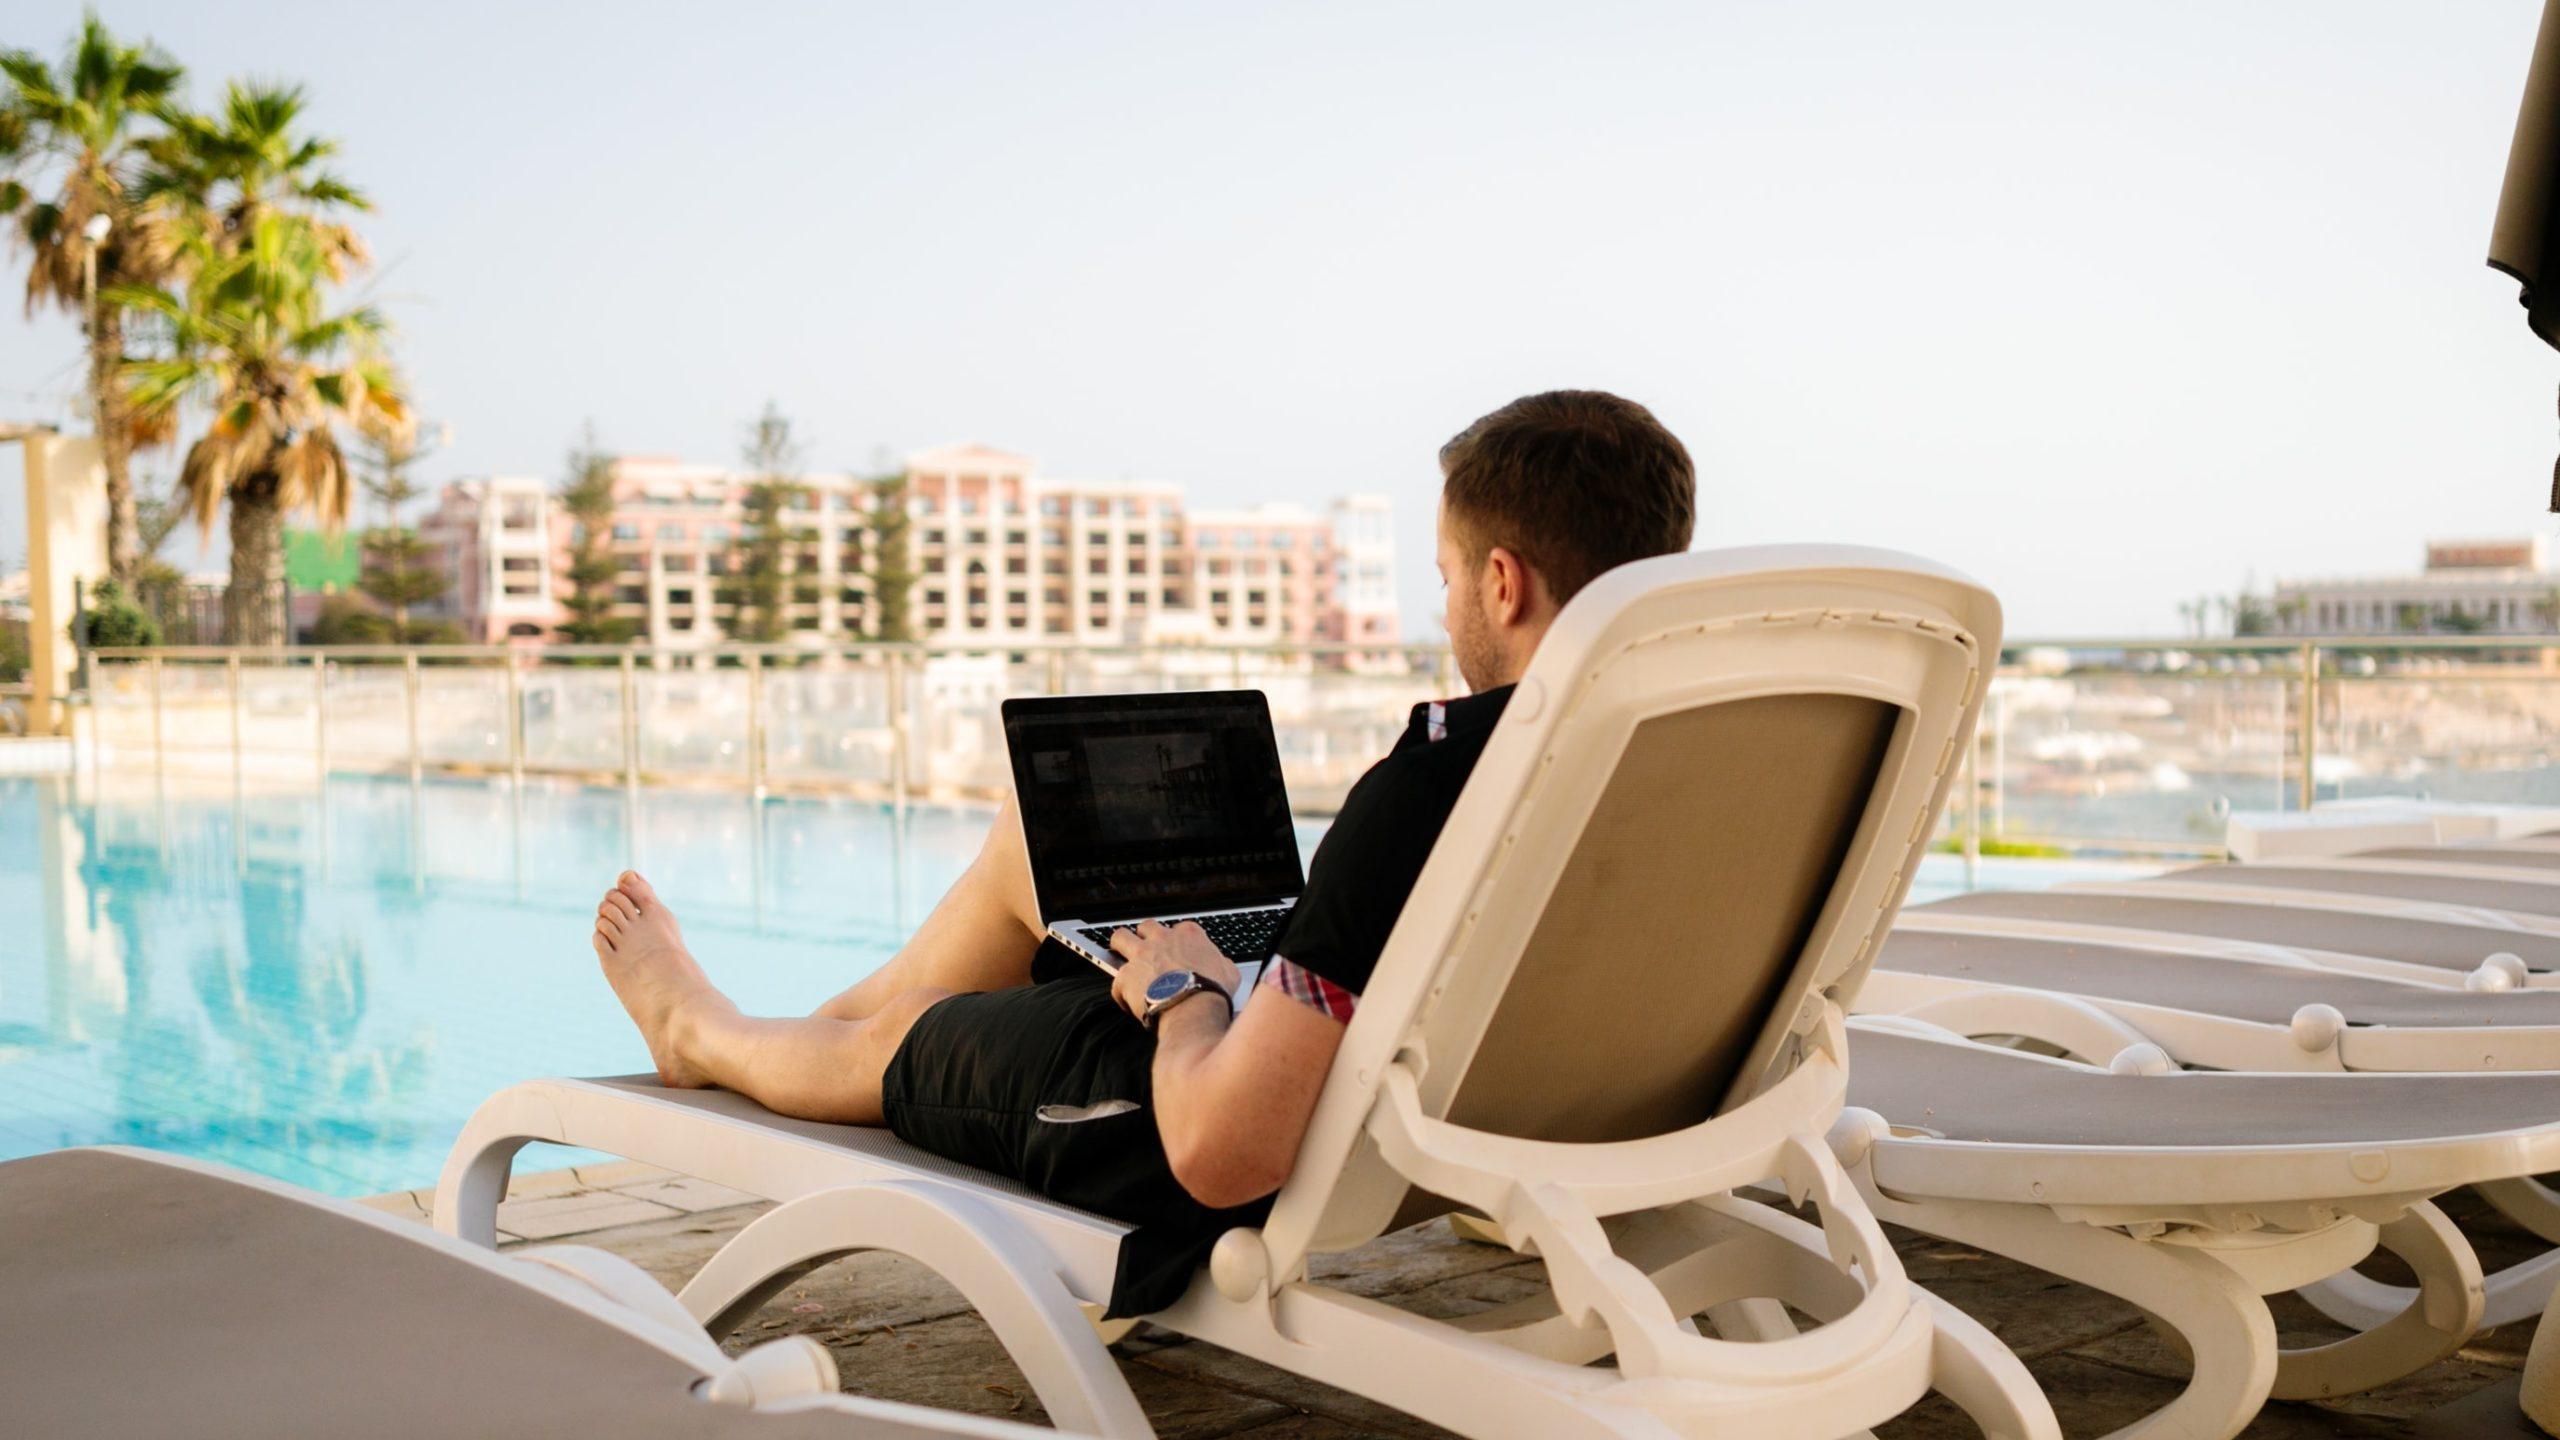 男性がプールサイドでパソコンを操作している画像